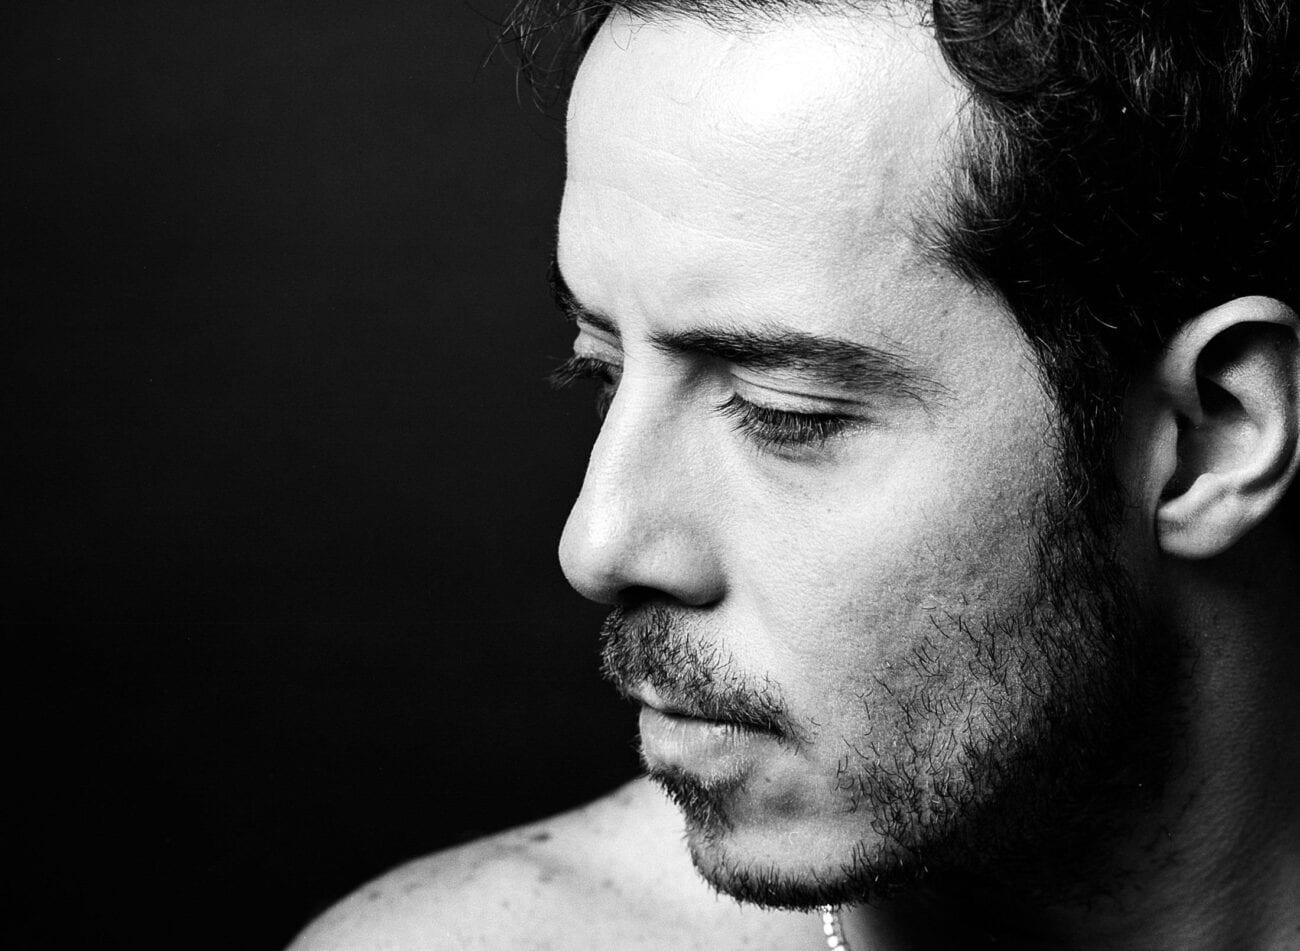 """El que no enseña, no vende: José Madero nos enseña lo más profundo de su alma con """"Mercedes"""". Entérate de qué va el polémico video del cantante."""